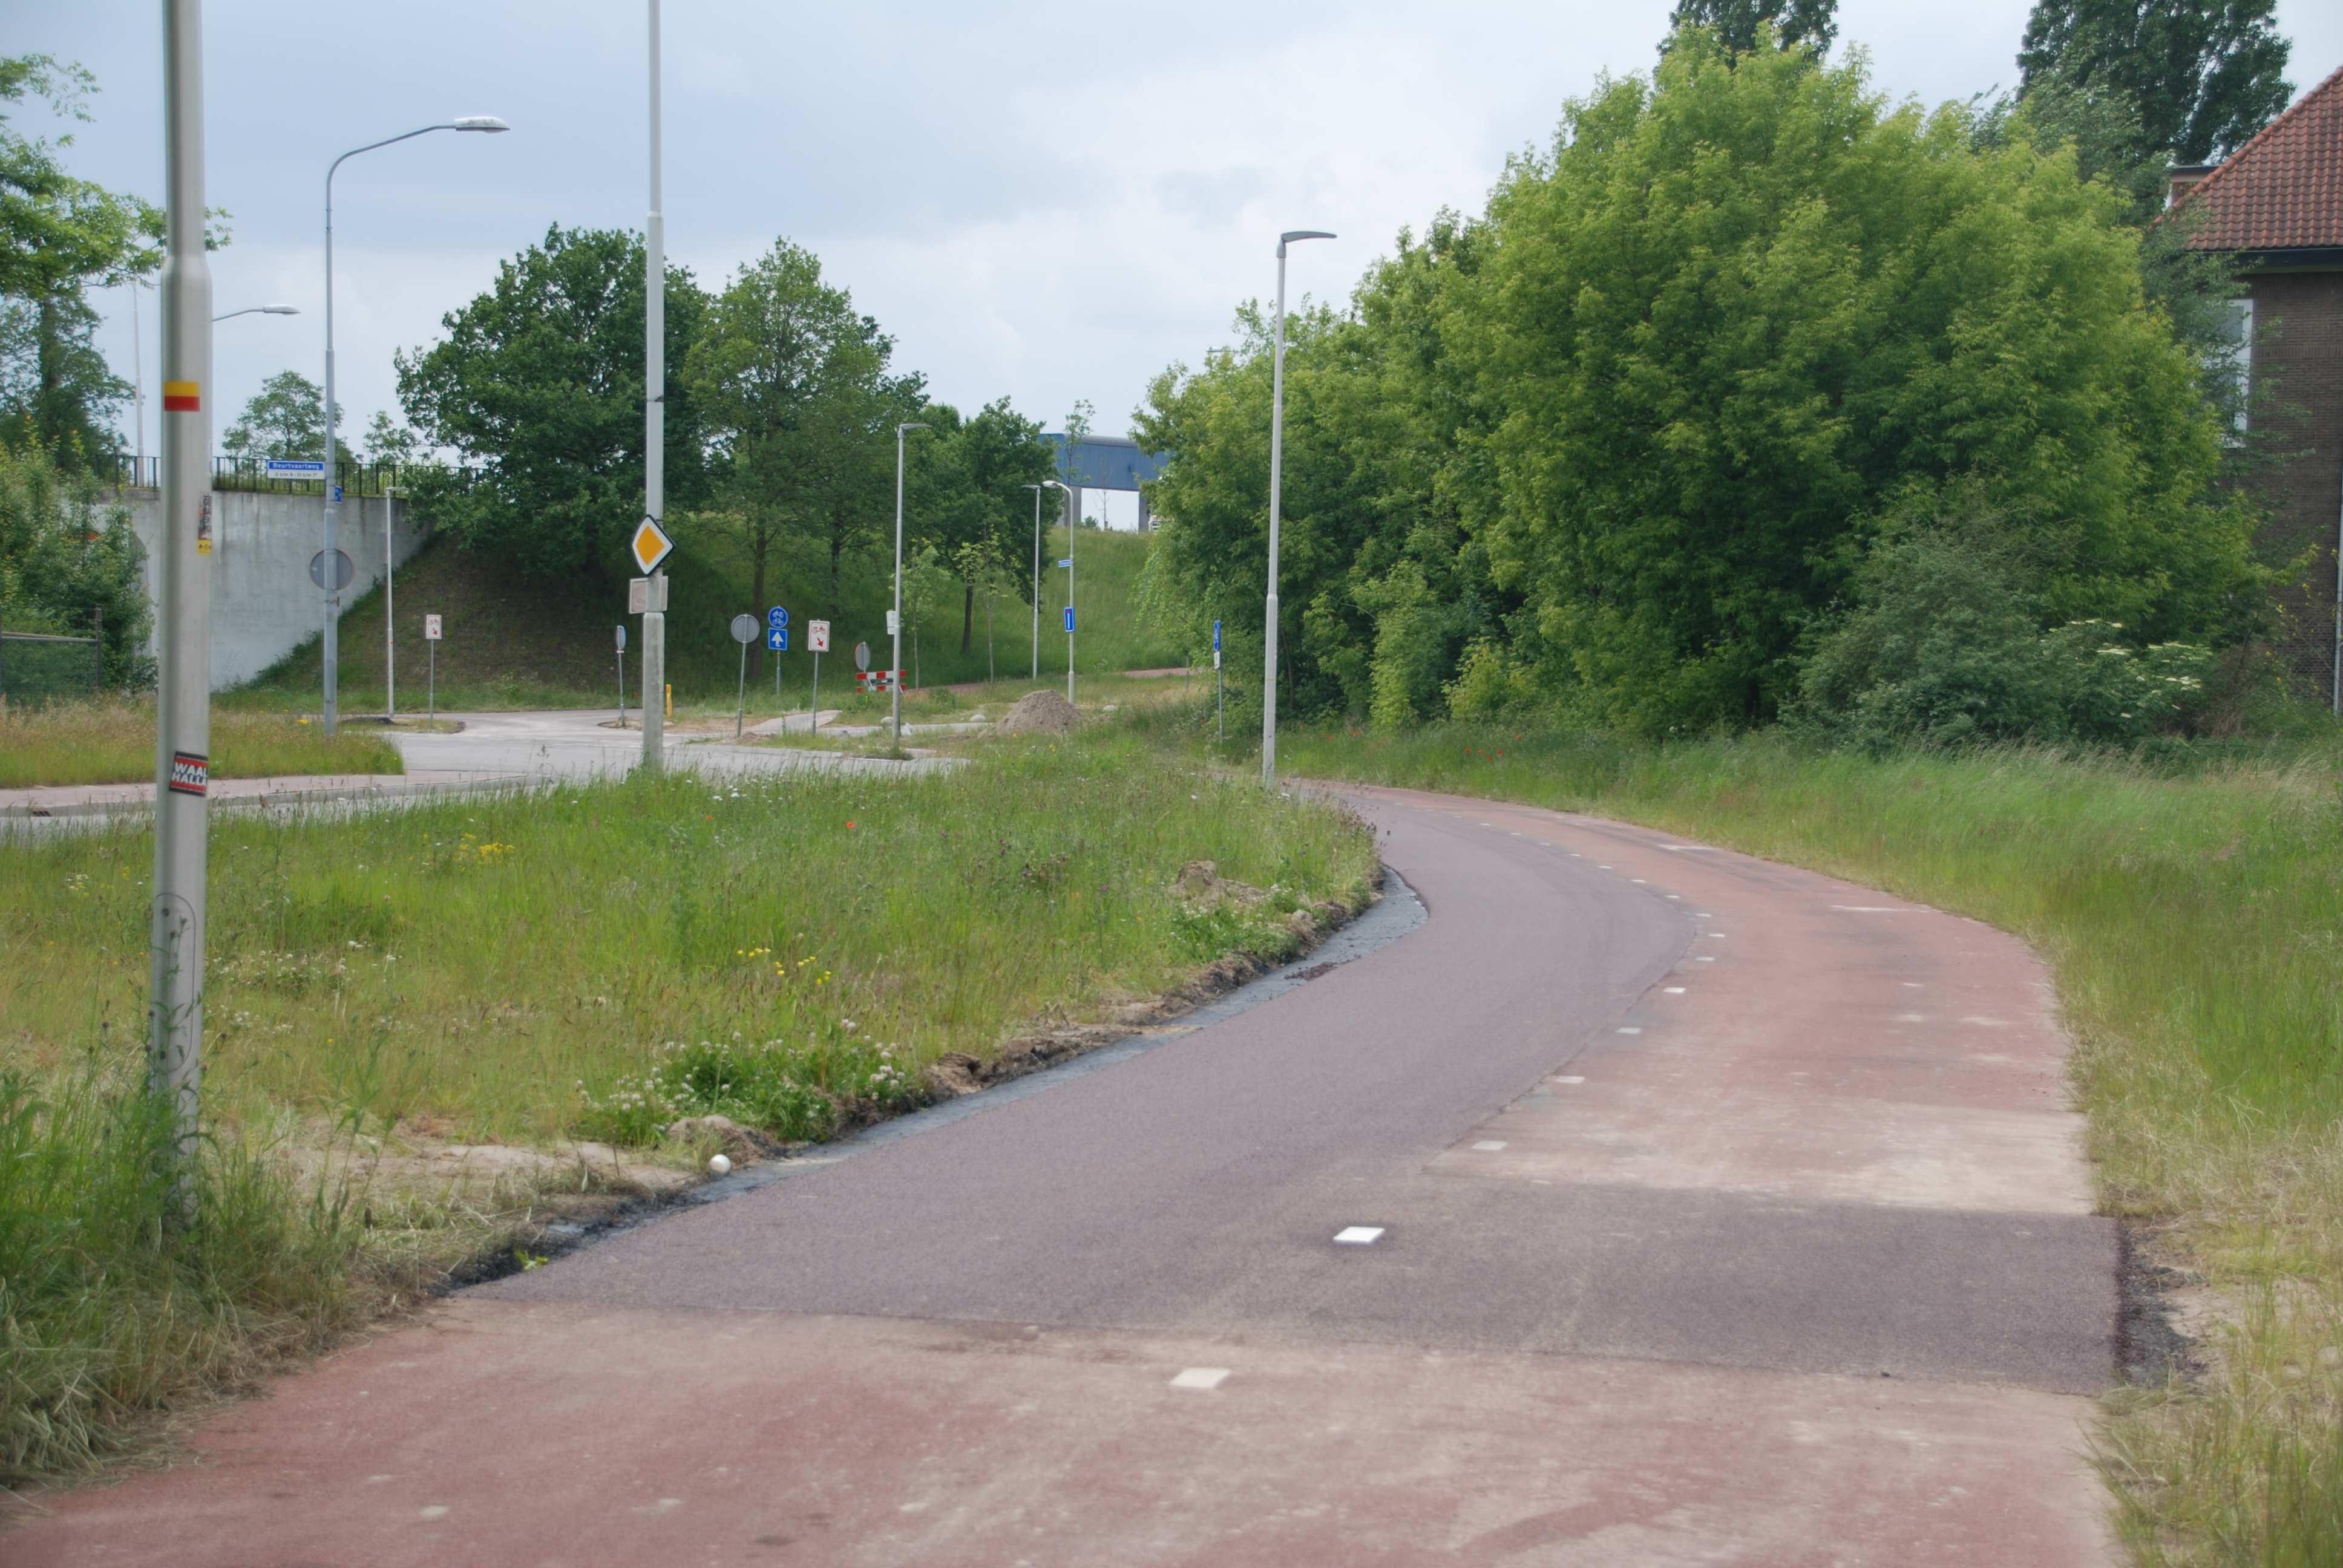 Mooi glad, rood asfalt